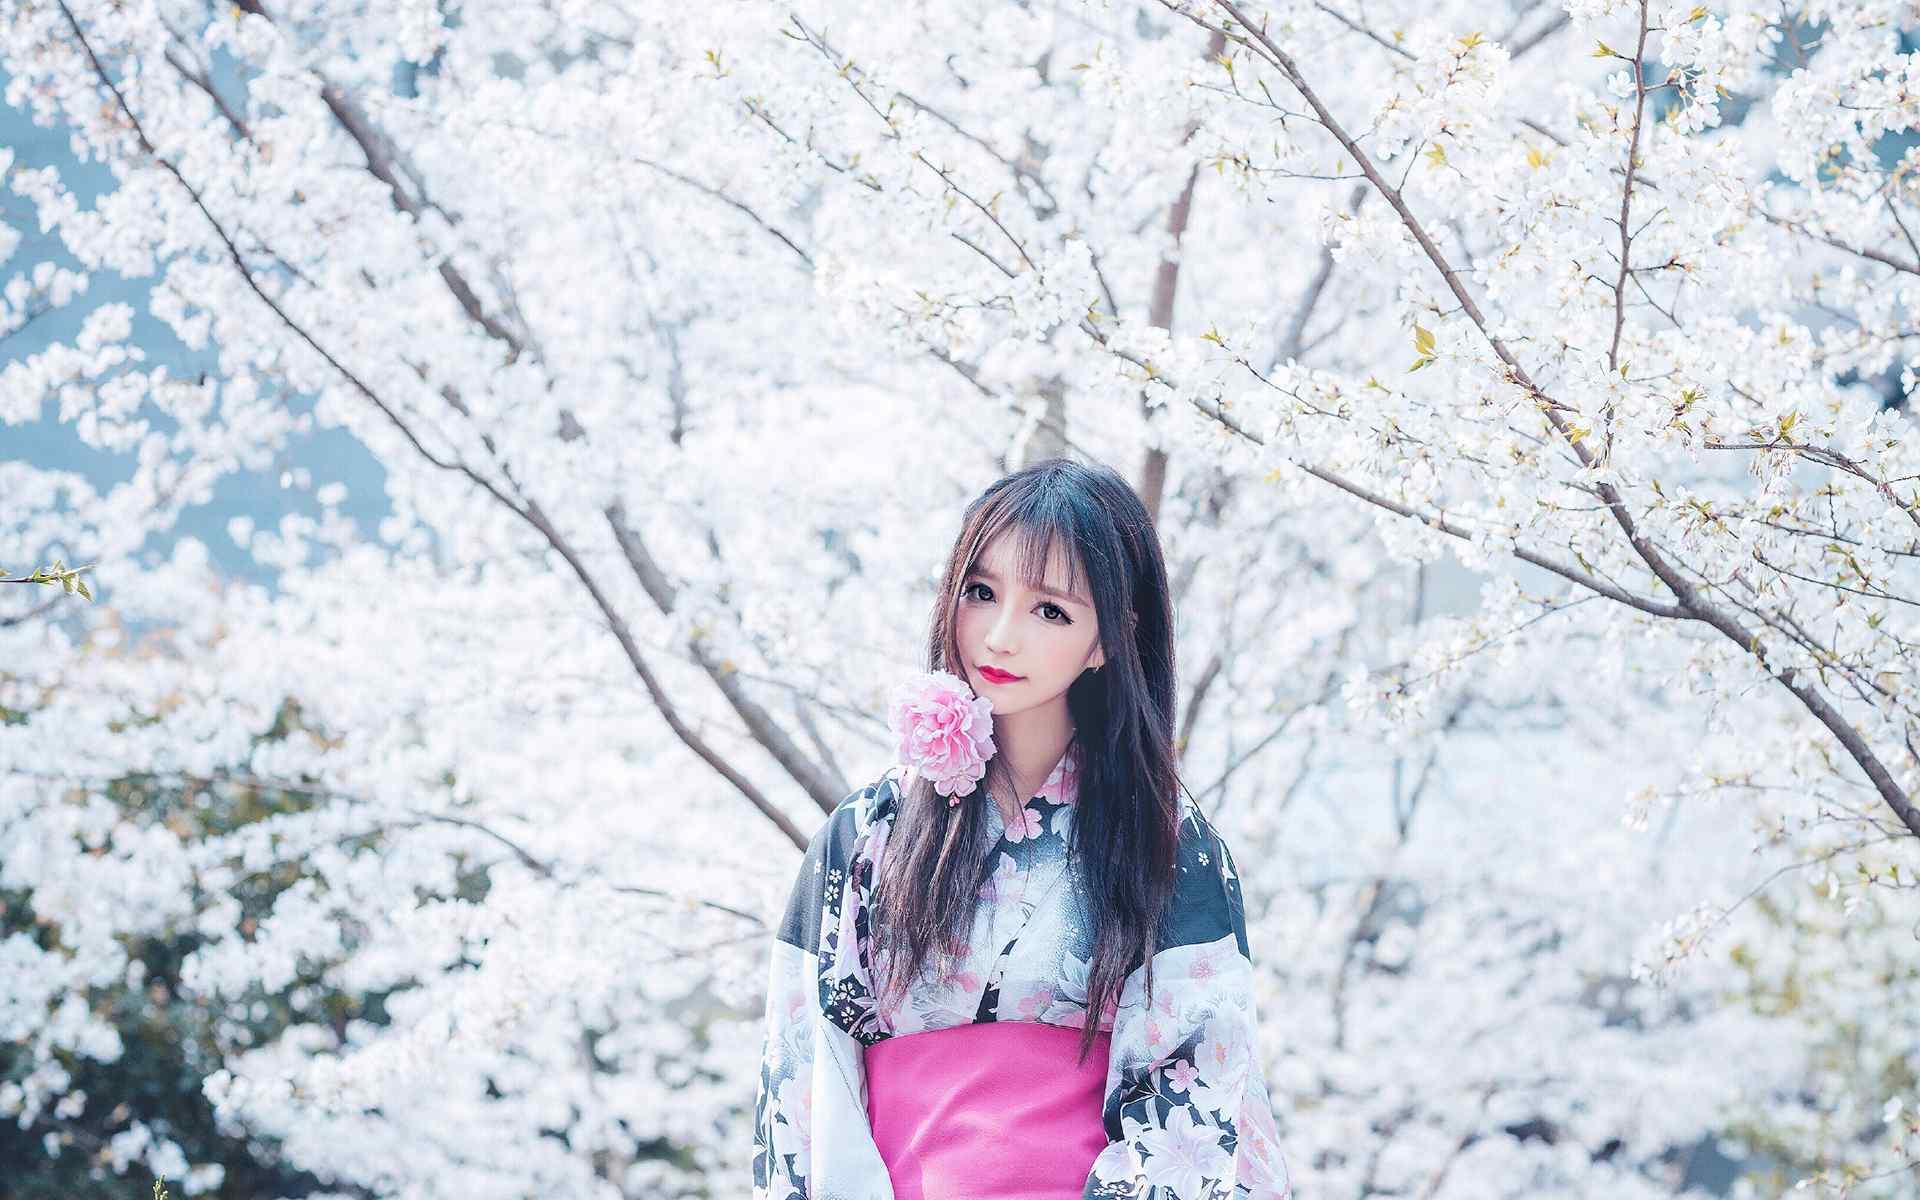 日本美女壁纸a壁纸大眼美女和服唯美高清儿童壁桌面性淋巴感染图片